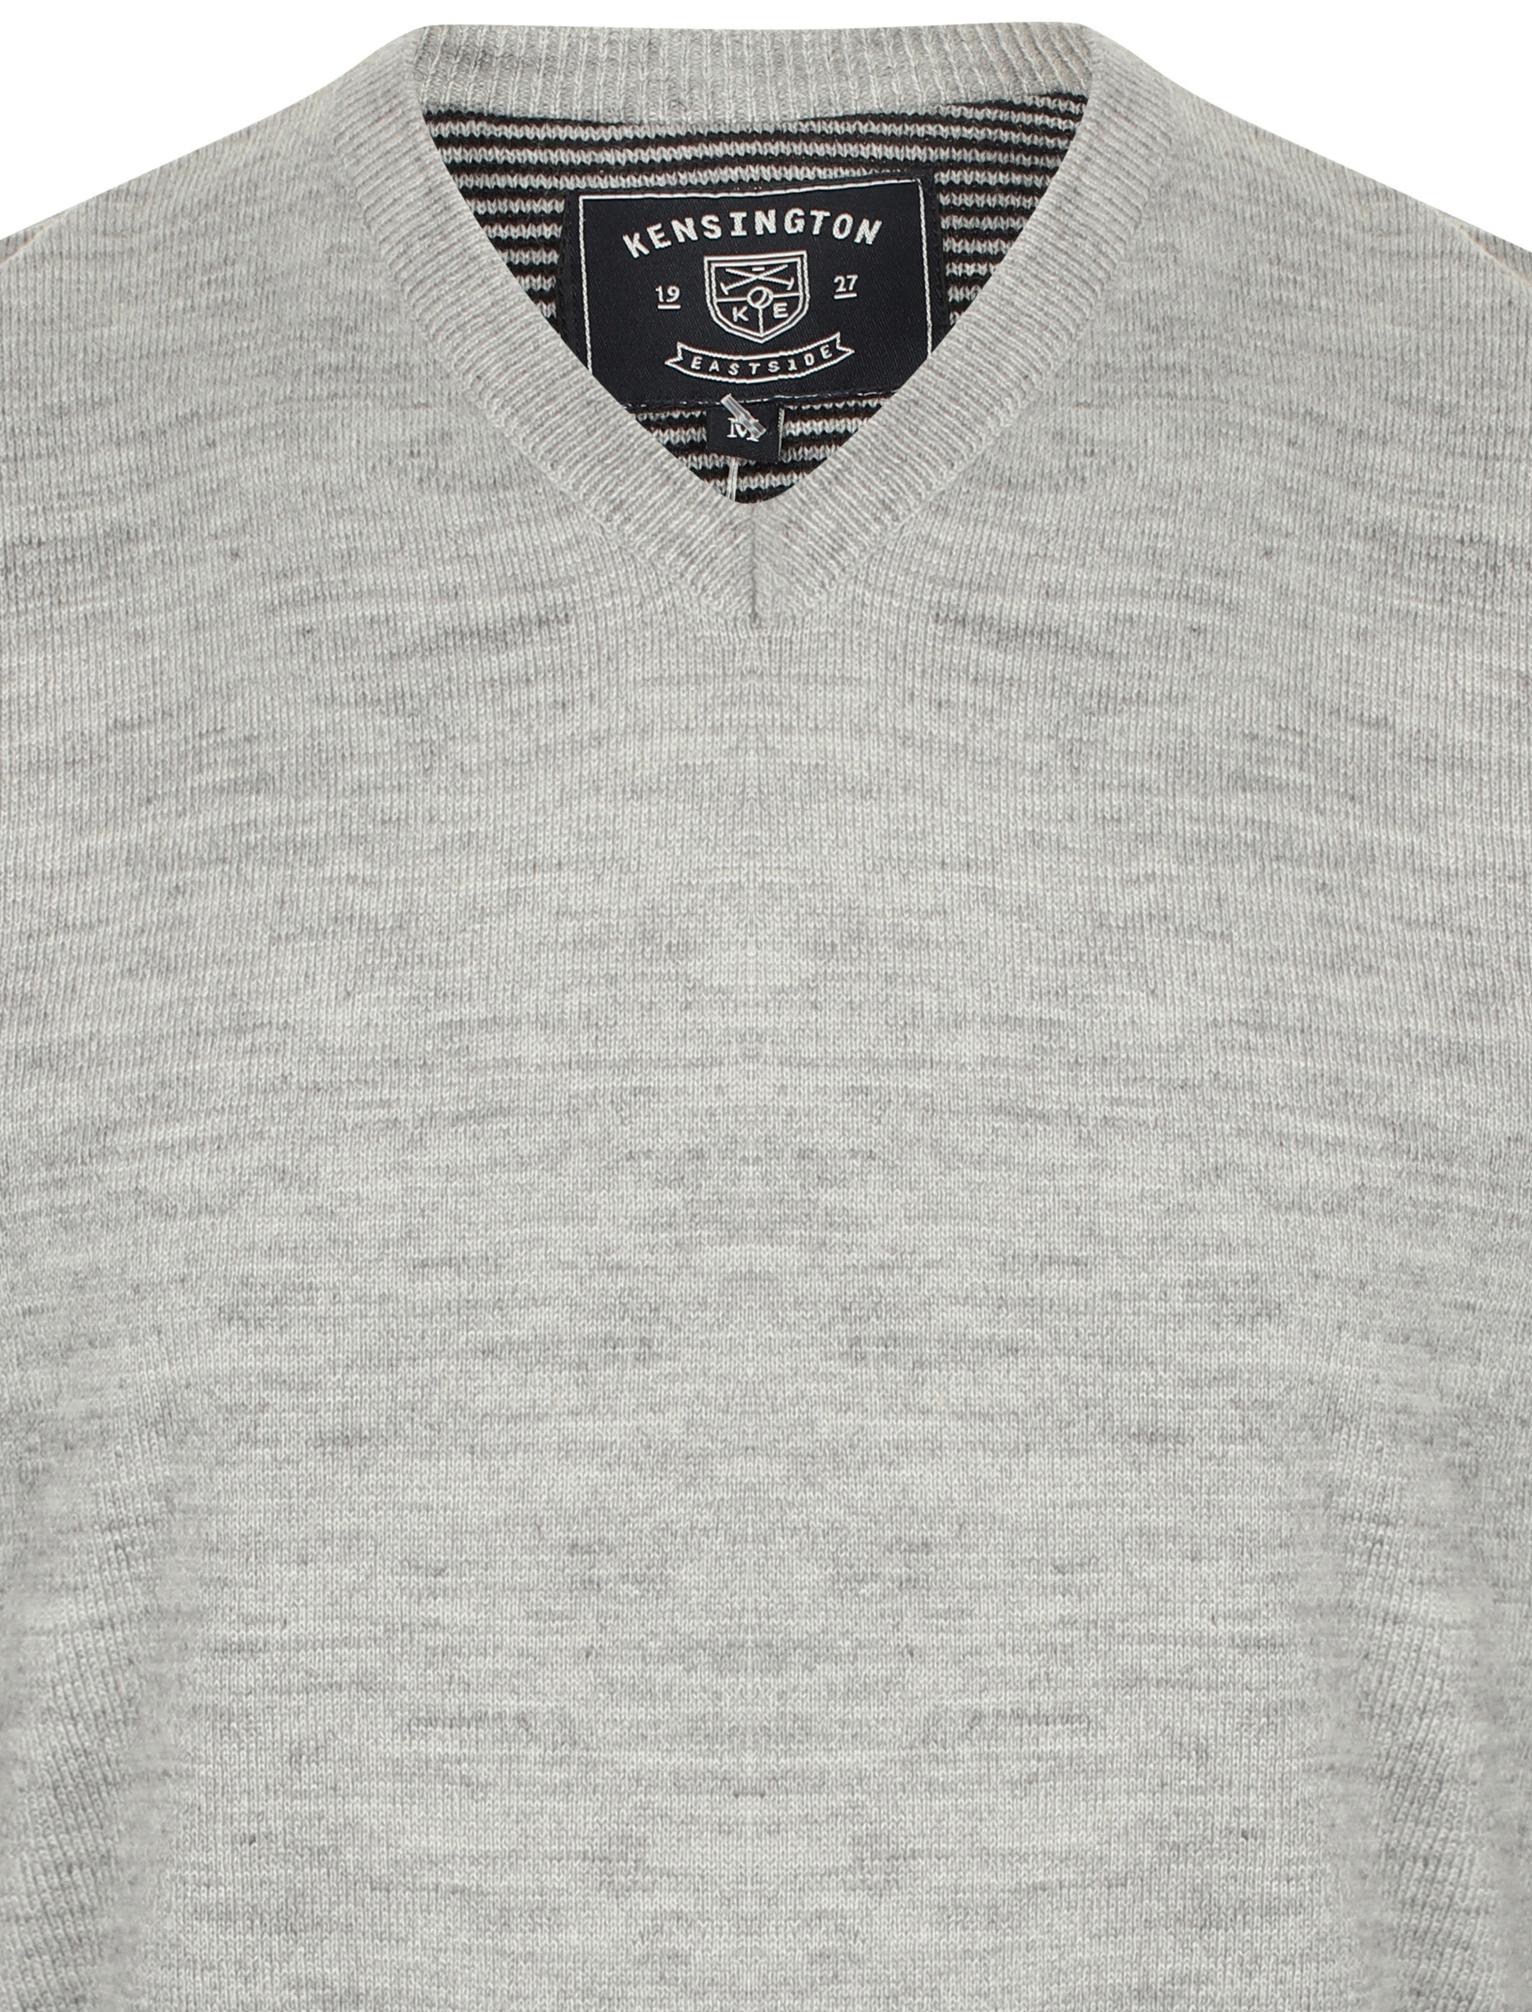 Kensington-Eastside-Men-039-s-Wool-Blend-Knitted-Crew-or-V-Neck-Jumper-Sweater-Top thumbnail 36